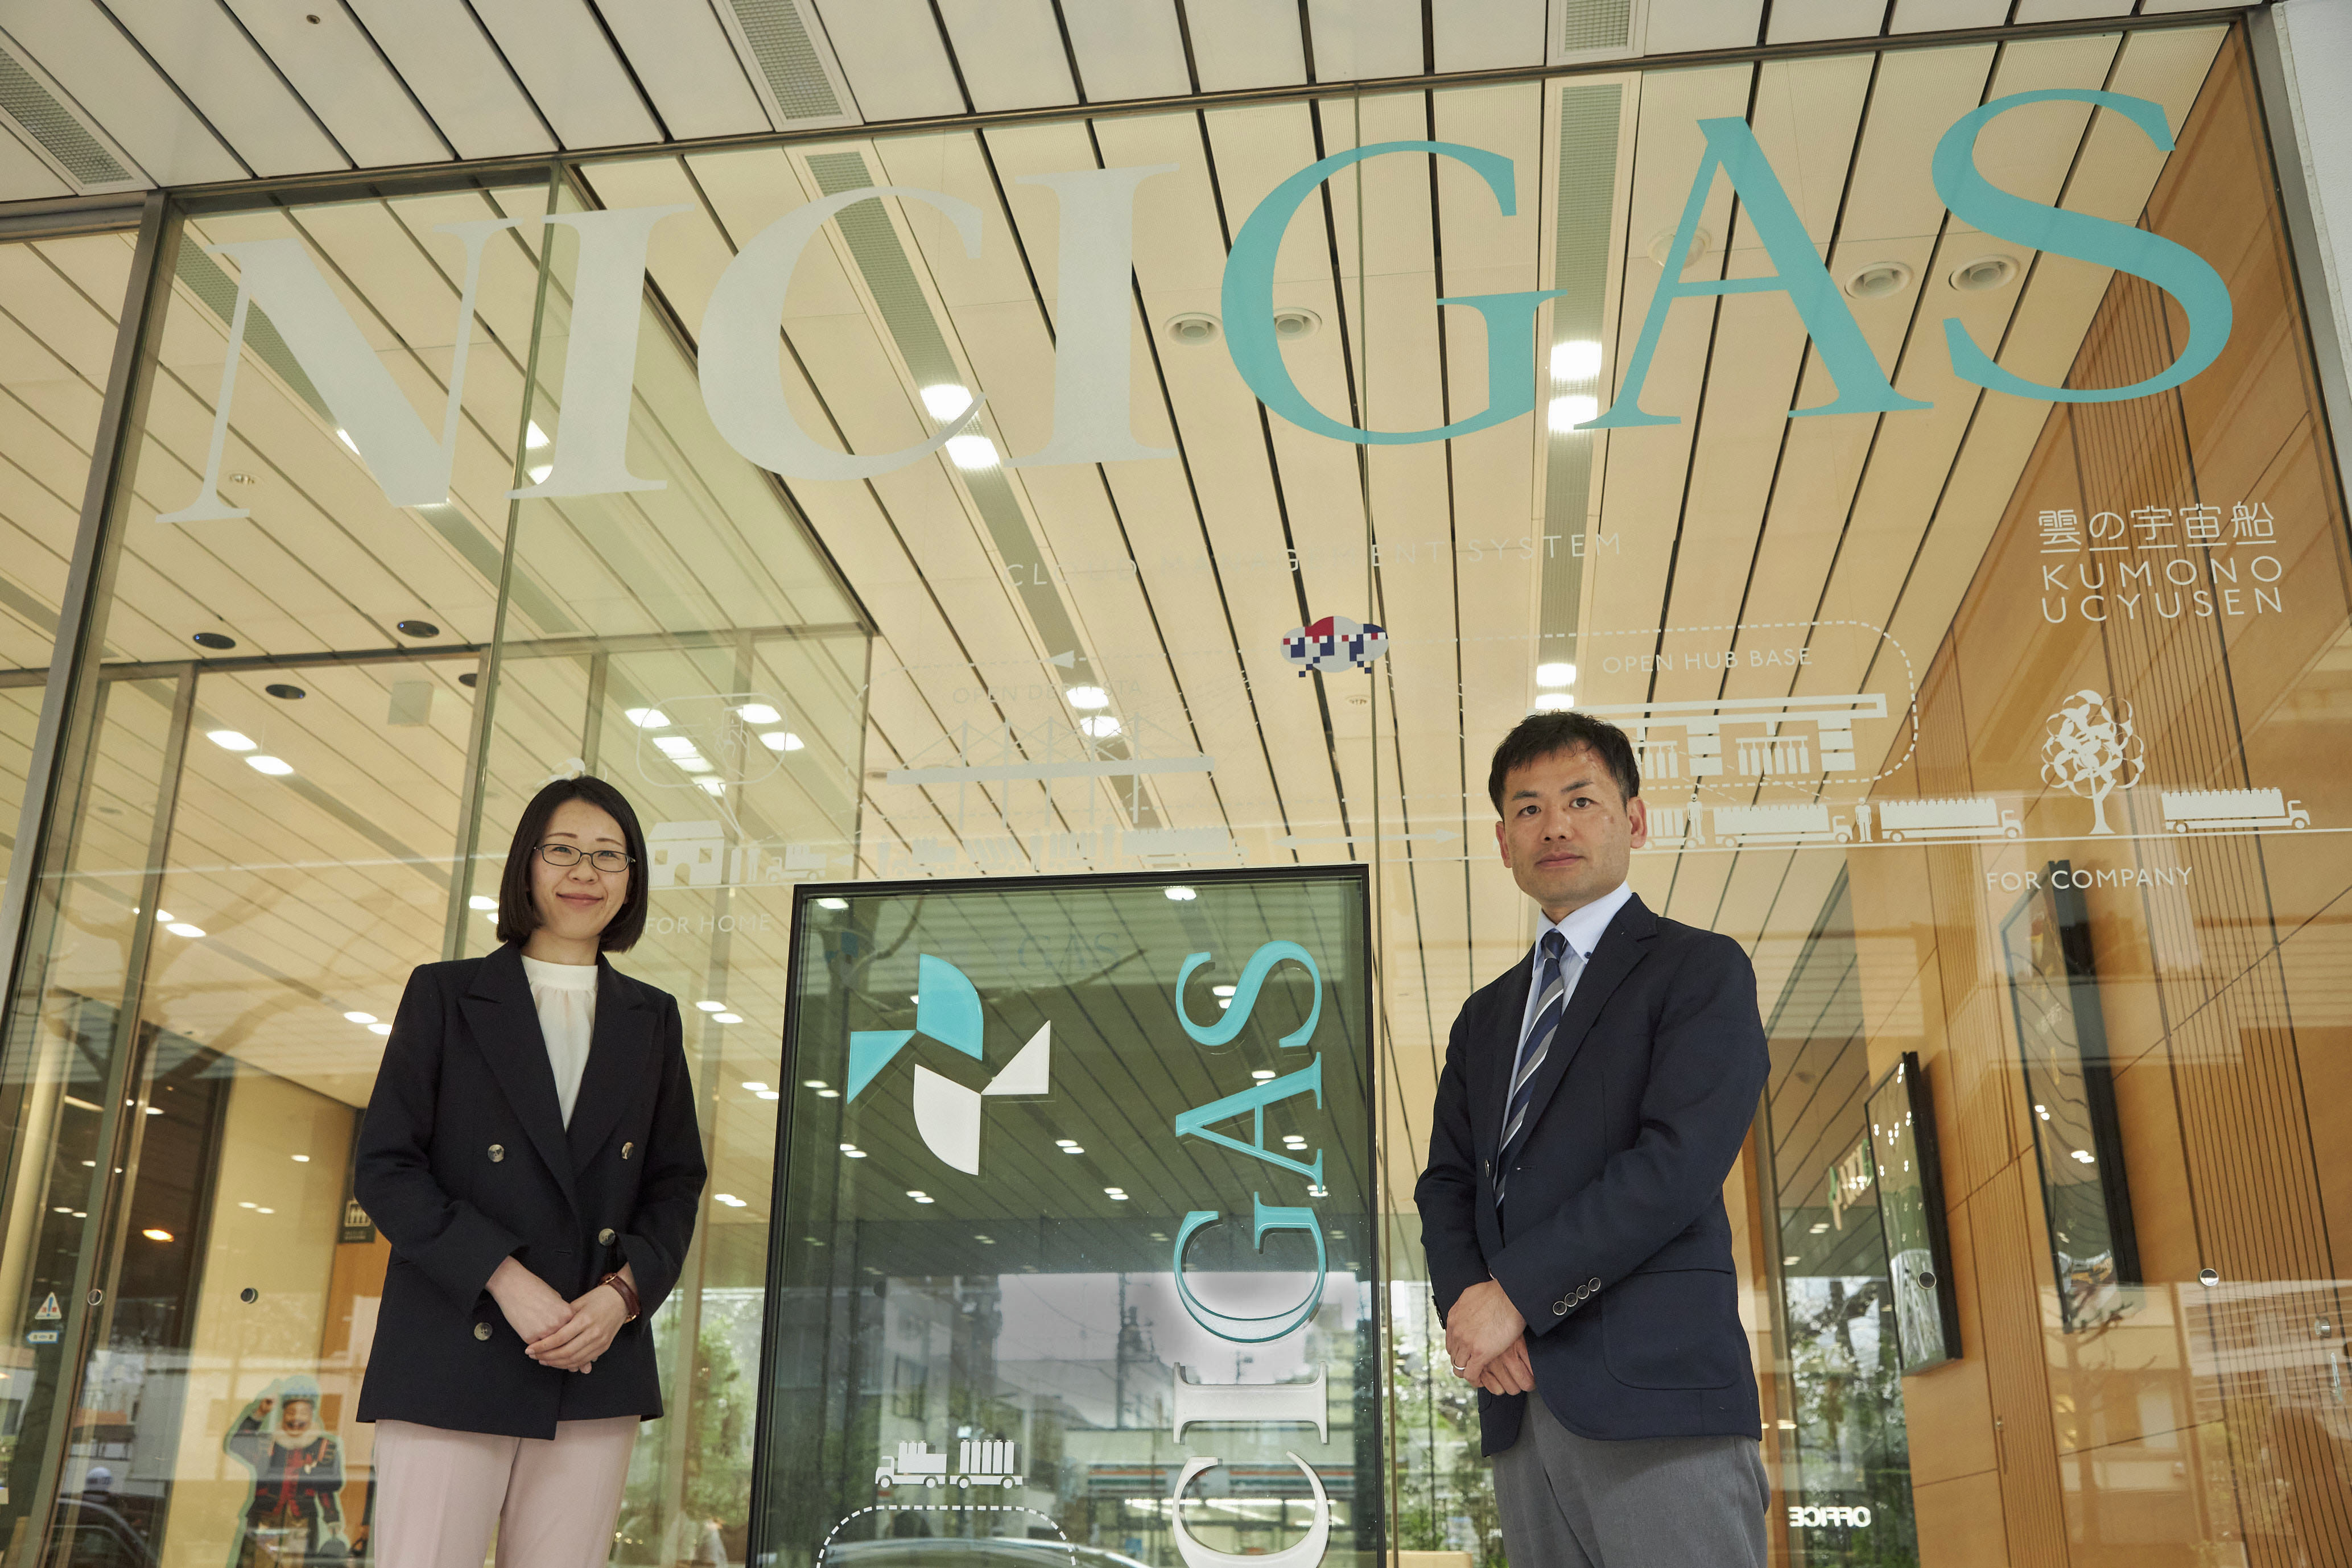 日本瓦斯株式会社様 サムネイル画像